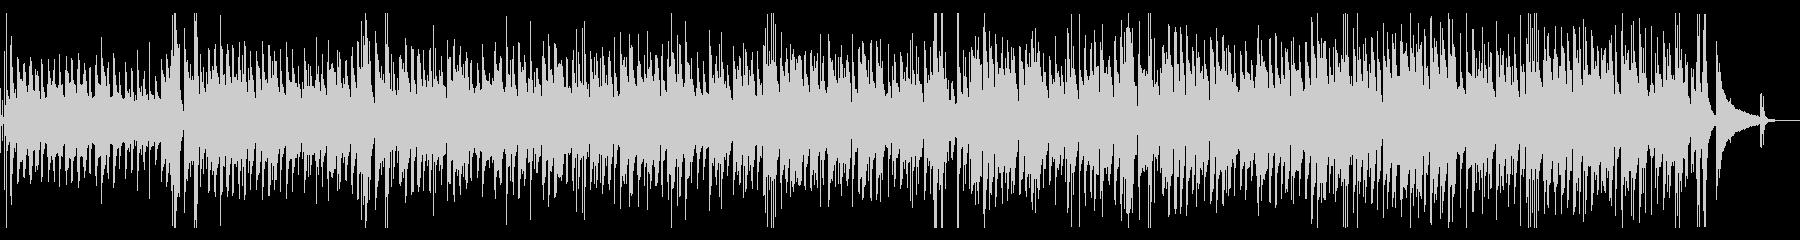 カフェBGM・ゆったりとしたジャズギターの未再生の波形